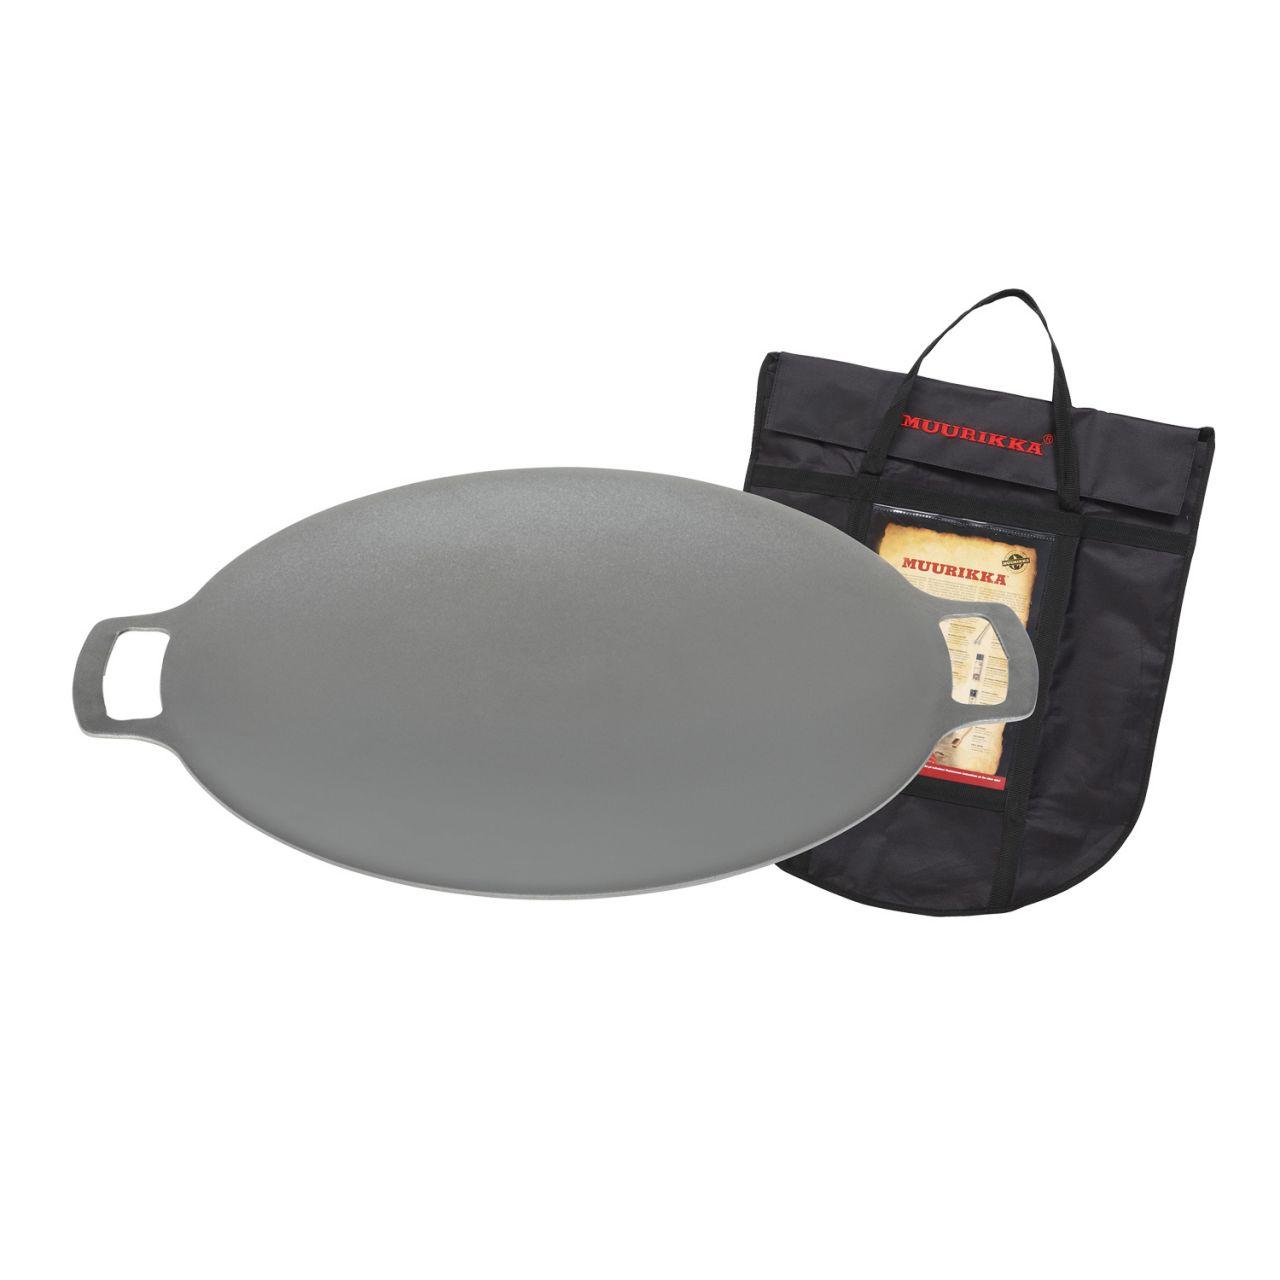 Muurikka Grillpfanne 38 cm 54010020